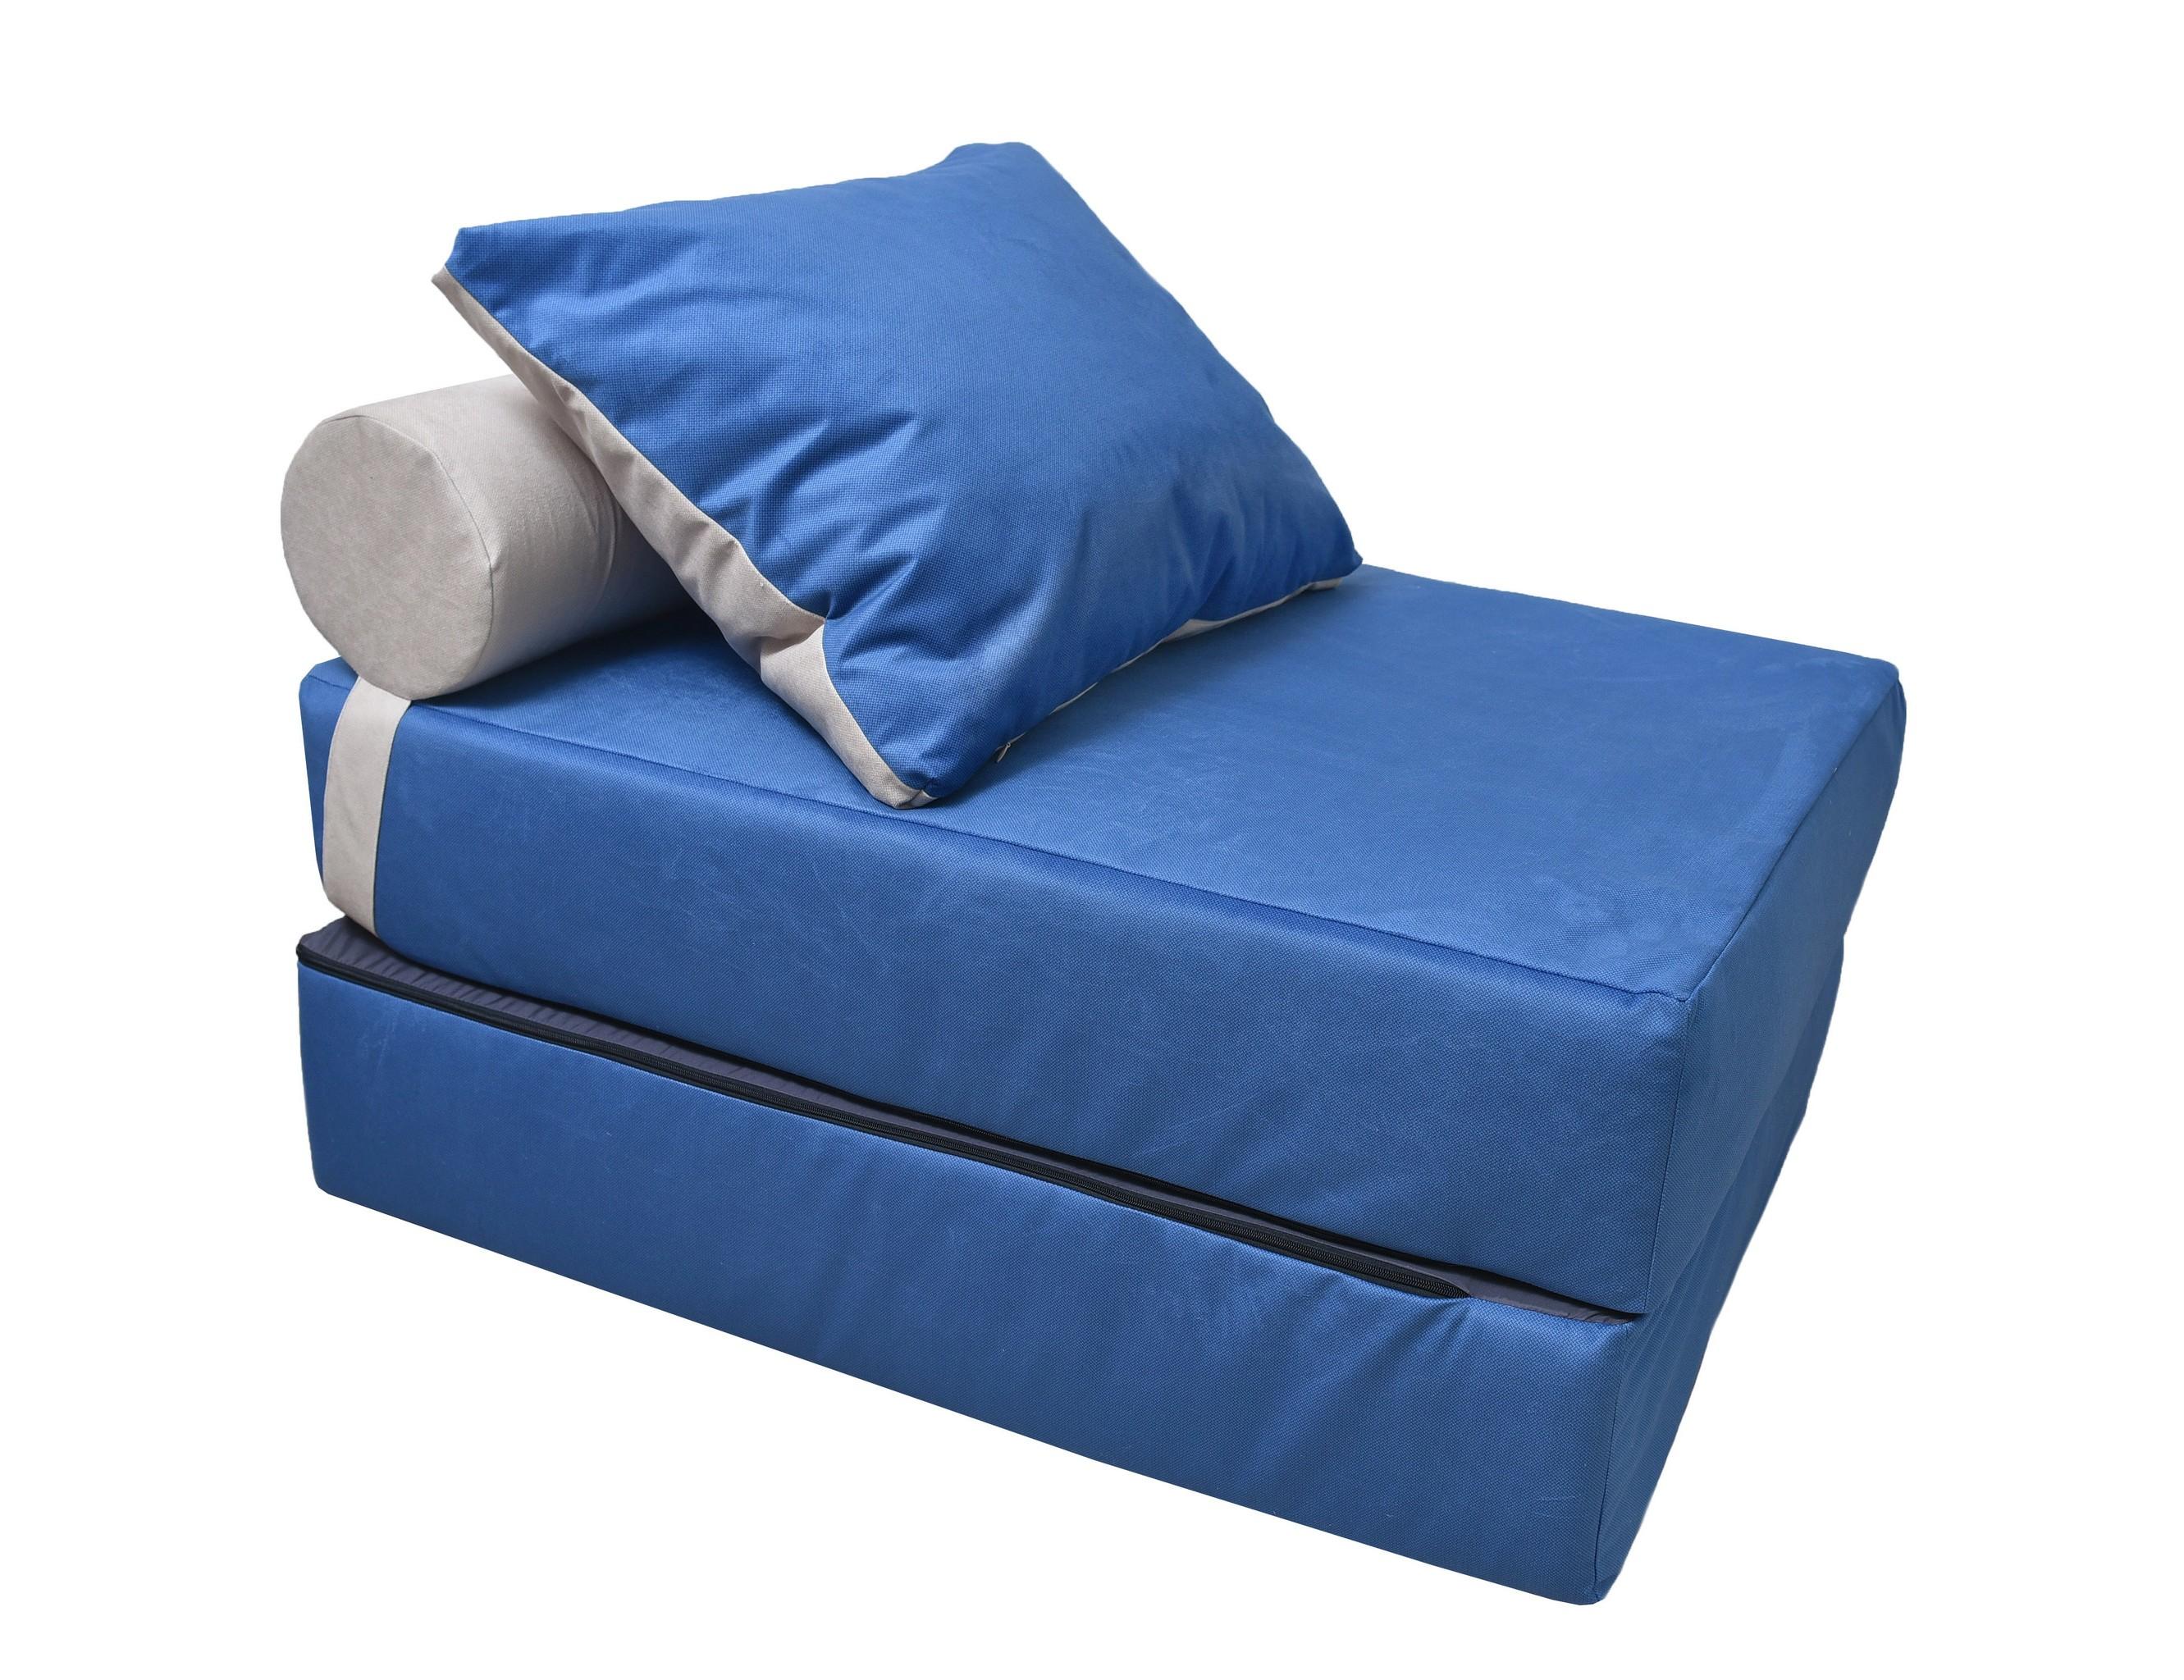 Кресло-кроватьКресла-кровати<br>Уникальное дизайнерское кресло-кровать  станет неотъемлемой частью вашего отдыха. Идеальное решение для интерьеров в стиле Лофт и небольших комнат! Съёмный чехол можно постирать в машине или заменить на новый! А его жесткость оптимальна для полноценного сна! Оригинальный дизайн и эксклюзивный принт создадут комфорт и уют в вашем доме.&amp;amp;nbsp;&amp;lt;div&amp;gt;&amp;lt;br&amp;gt;&amp;lt;/div&amp;gt;&amp;lt;div&amp;gt;В разобранном виде 70х20х200&amp;lt;/div&amp;gt;&amp;lt;div&amp;gt;Валик d20х40, подушка 50х70 см&amp;lt;/div&amp;gt;<br><br>Material: Текстиль<br>Ширина см: 100<br>Высота см: 40<br>Глубина см: 70